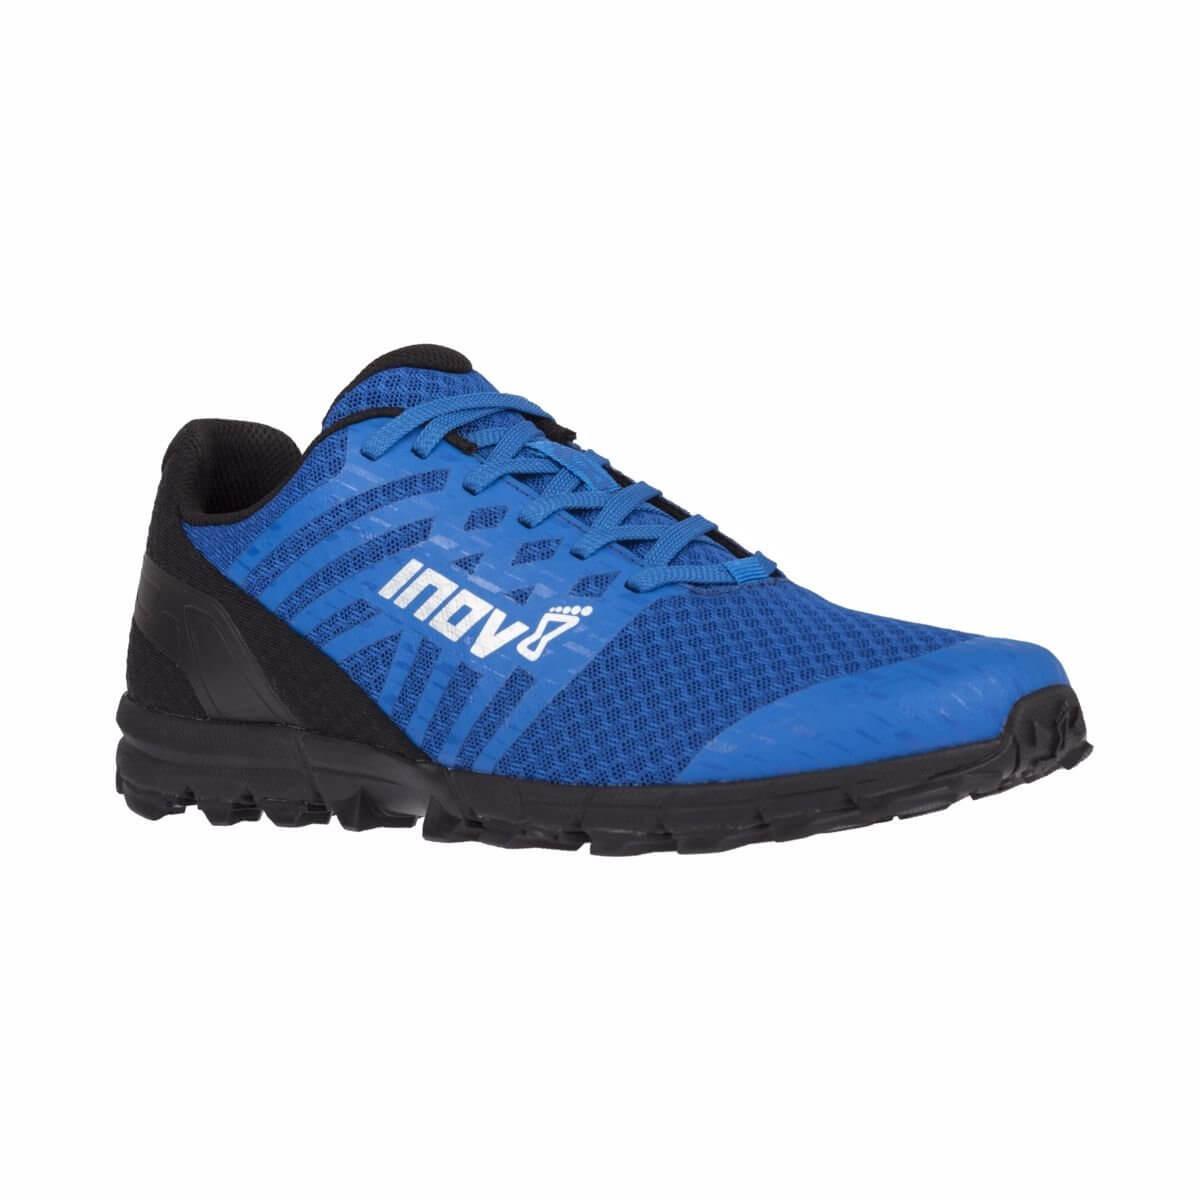 123f512a5 Inov-8 TRAIL TALON 235 (S) blue/navy modrá - pánske bežecké topánky ...